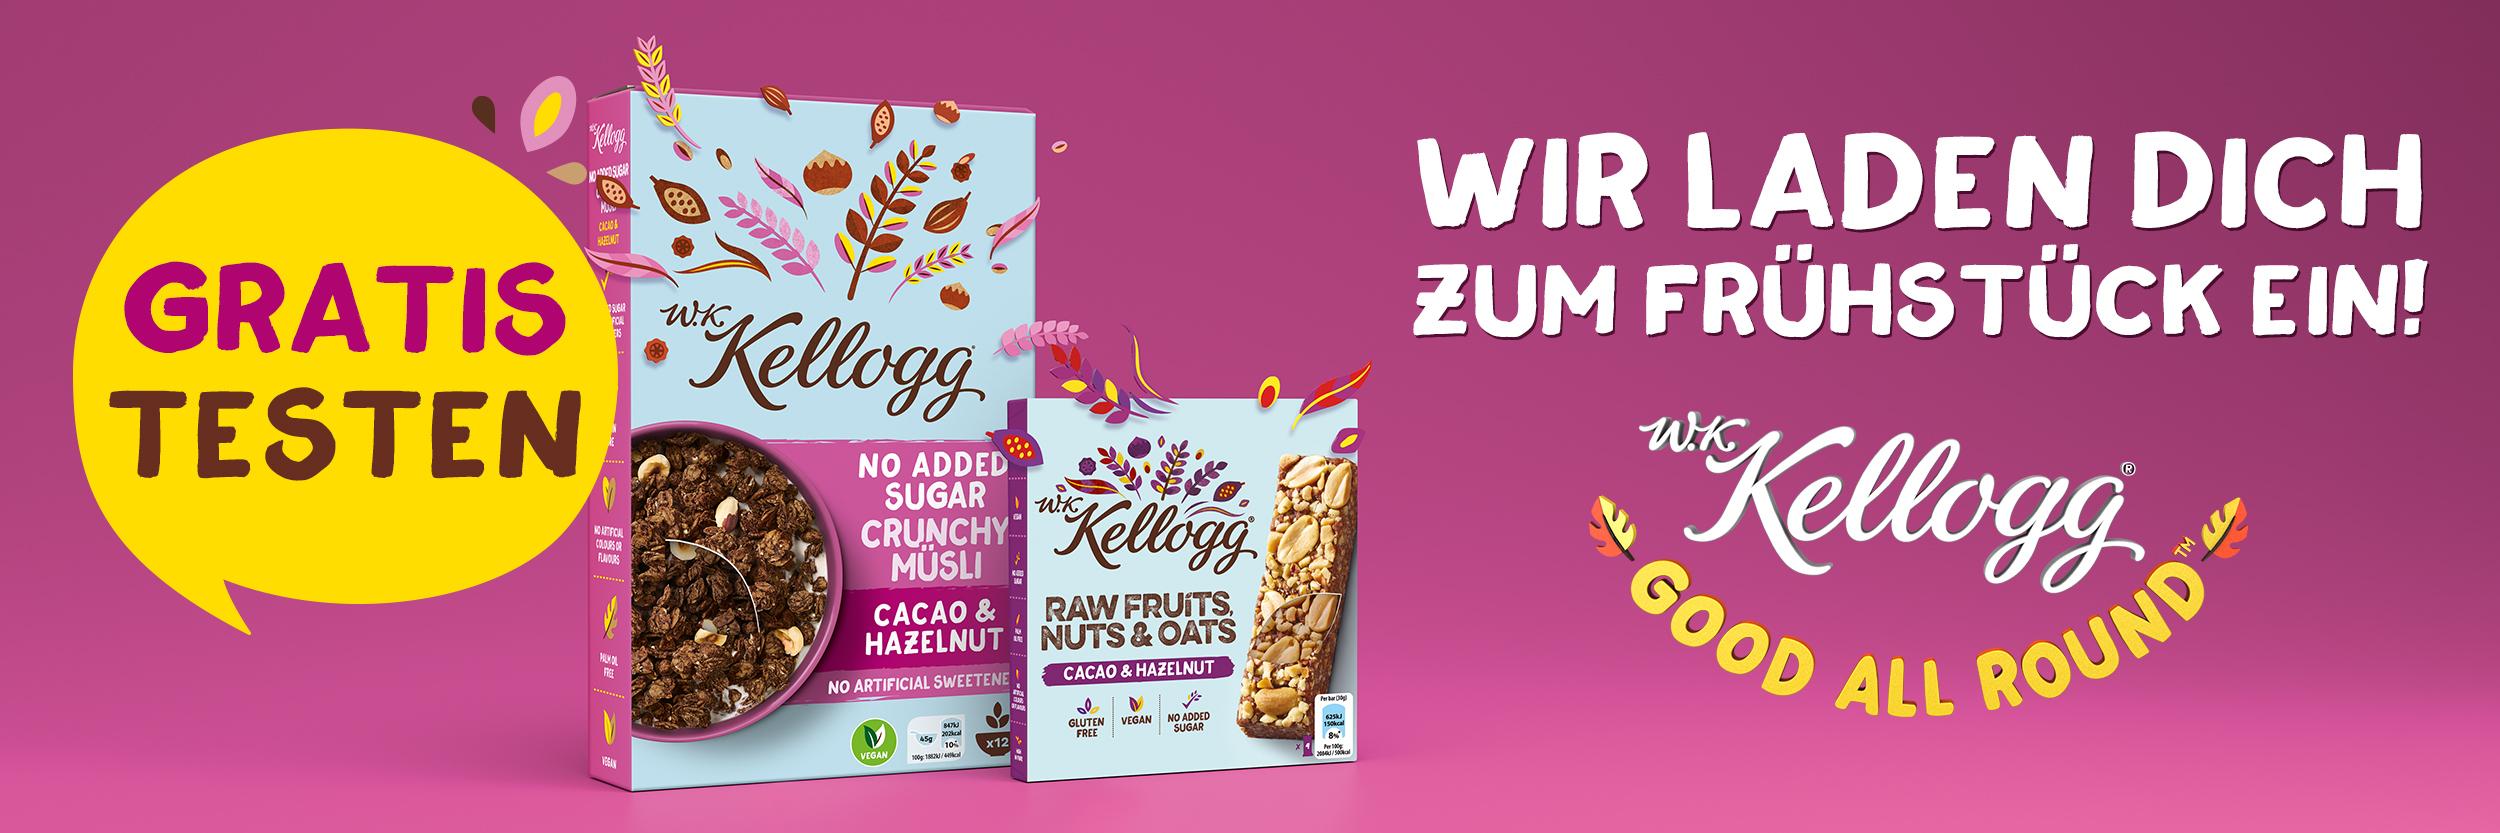 25.000x GzG - Kellogg Cerealien- und Knuspermüslis , gültig bis 31.07.2020